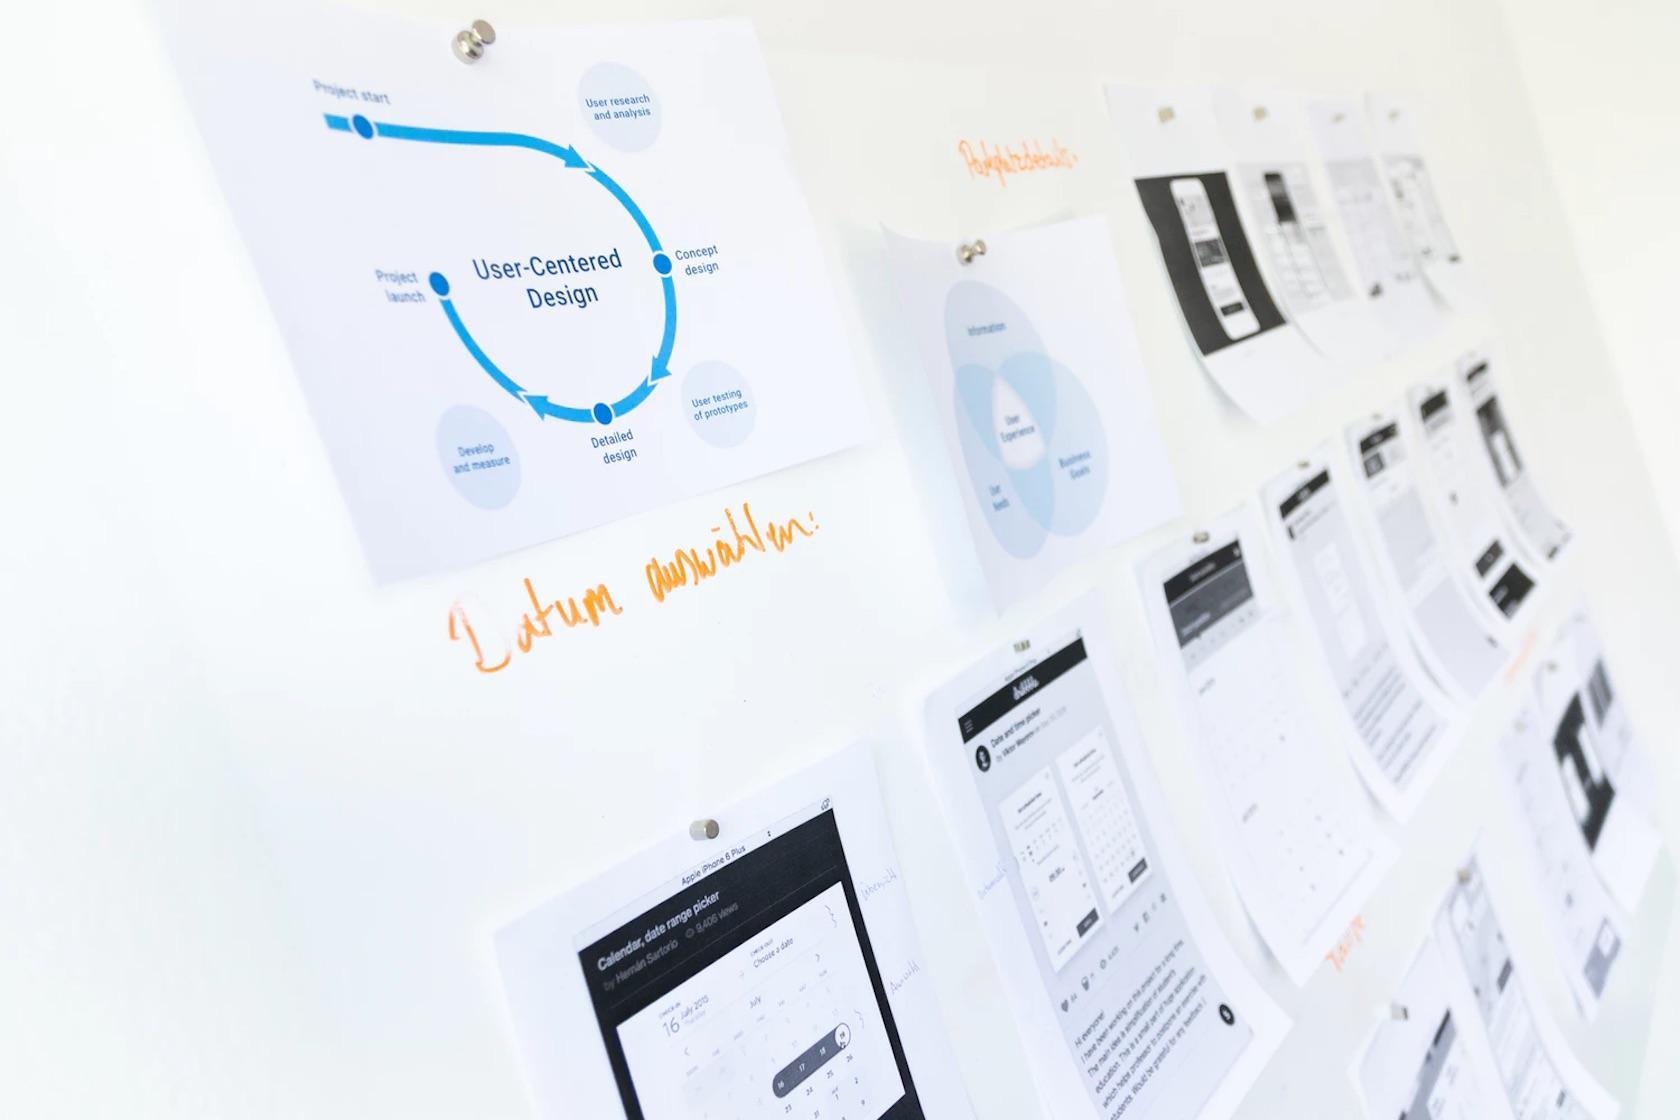 Apprendre à créer des filières - s'initier au design UX